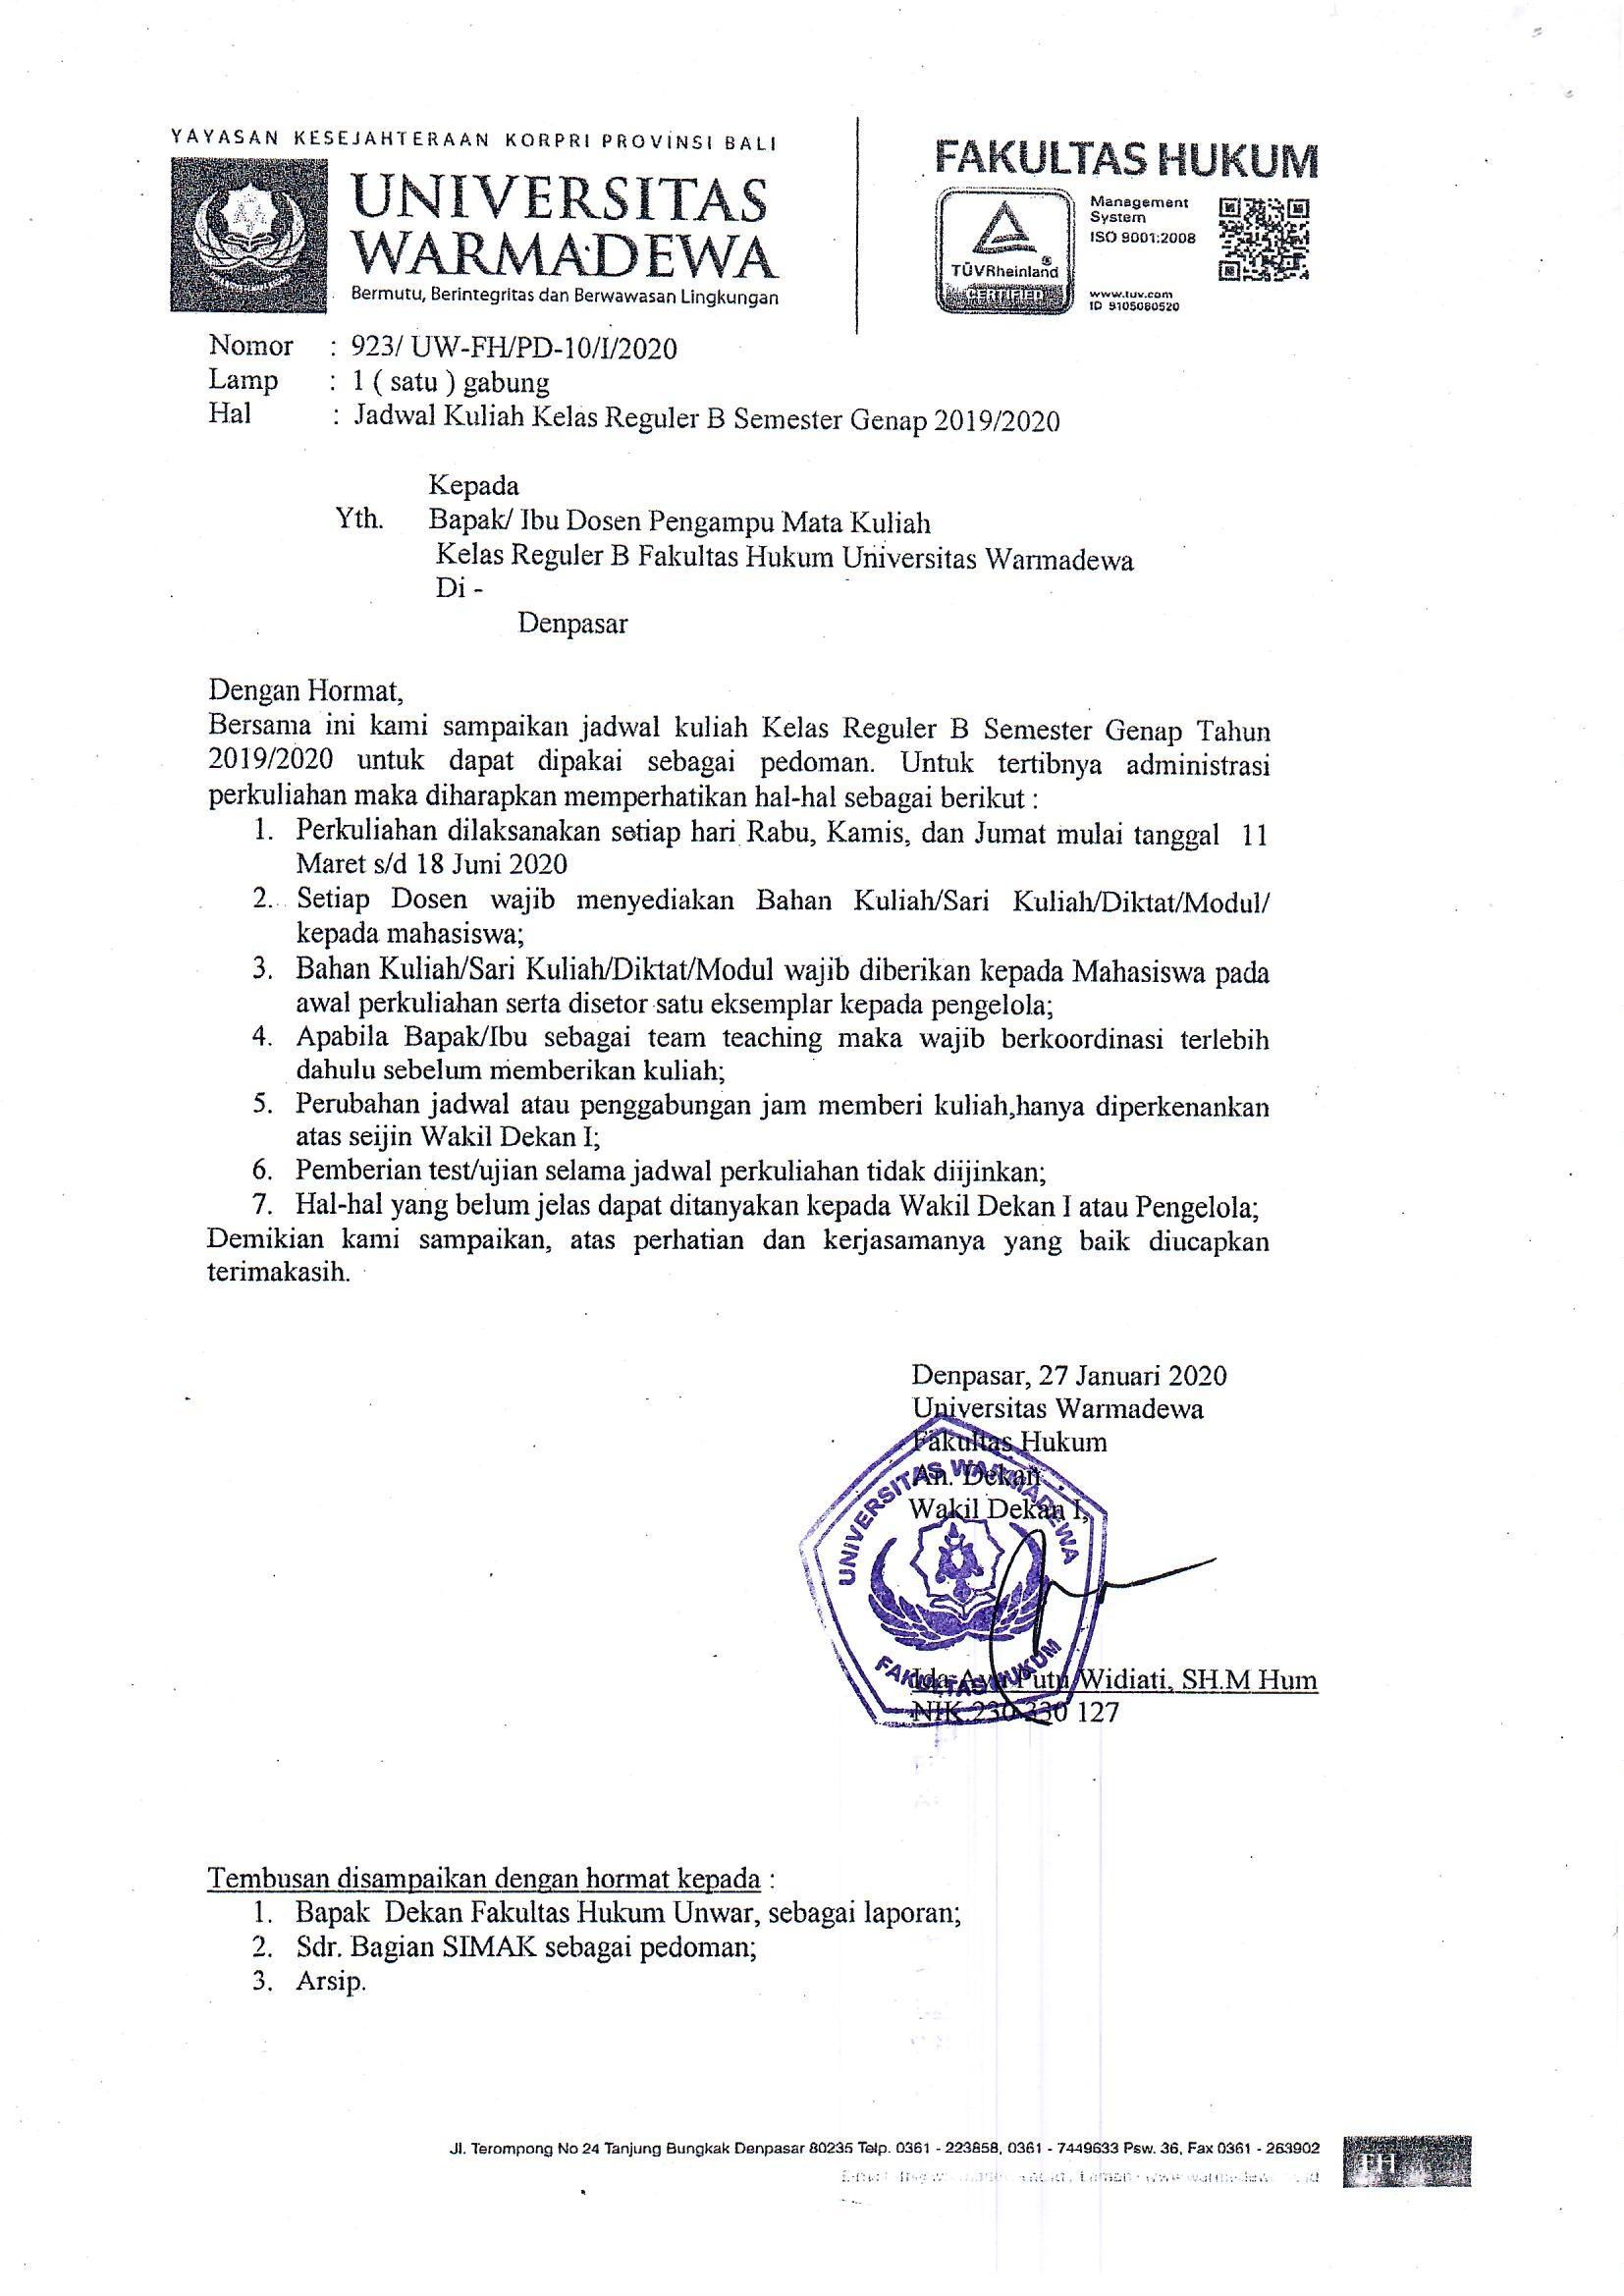 Jadwal Kuliah Reguler B Fakultas Hukum Universitas Warmadewa Tahun 2019/2020